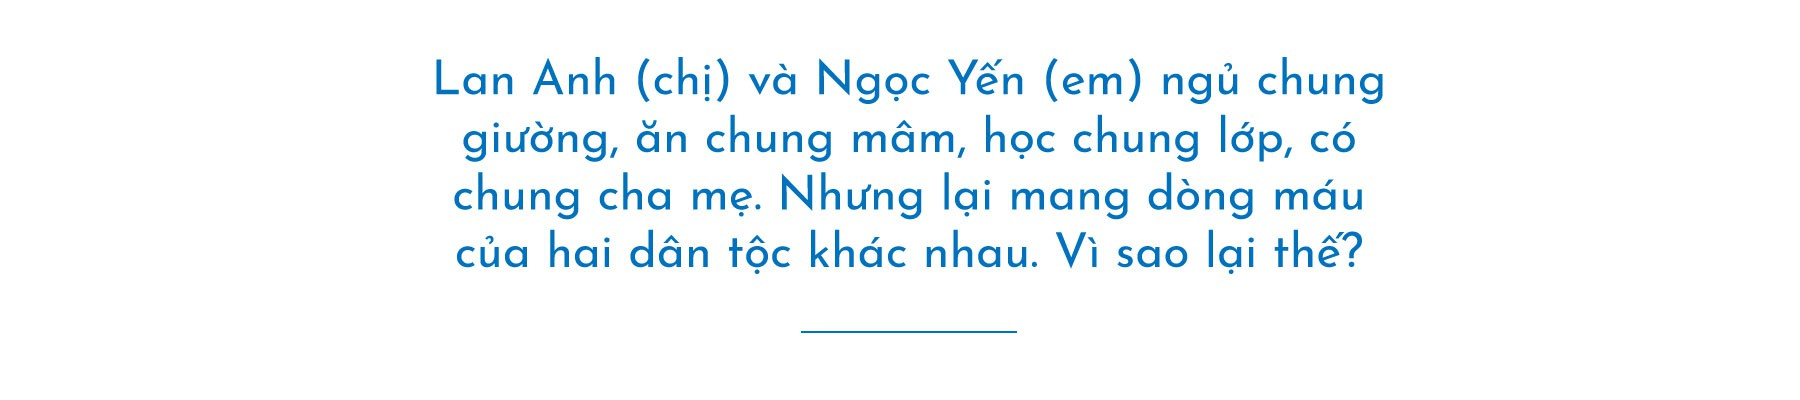 """(eMagazine) - Chị người Kinh, """"em ruột"""" lại là người S'tiêng! - Ảnh 1."""